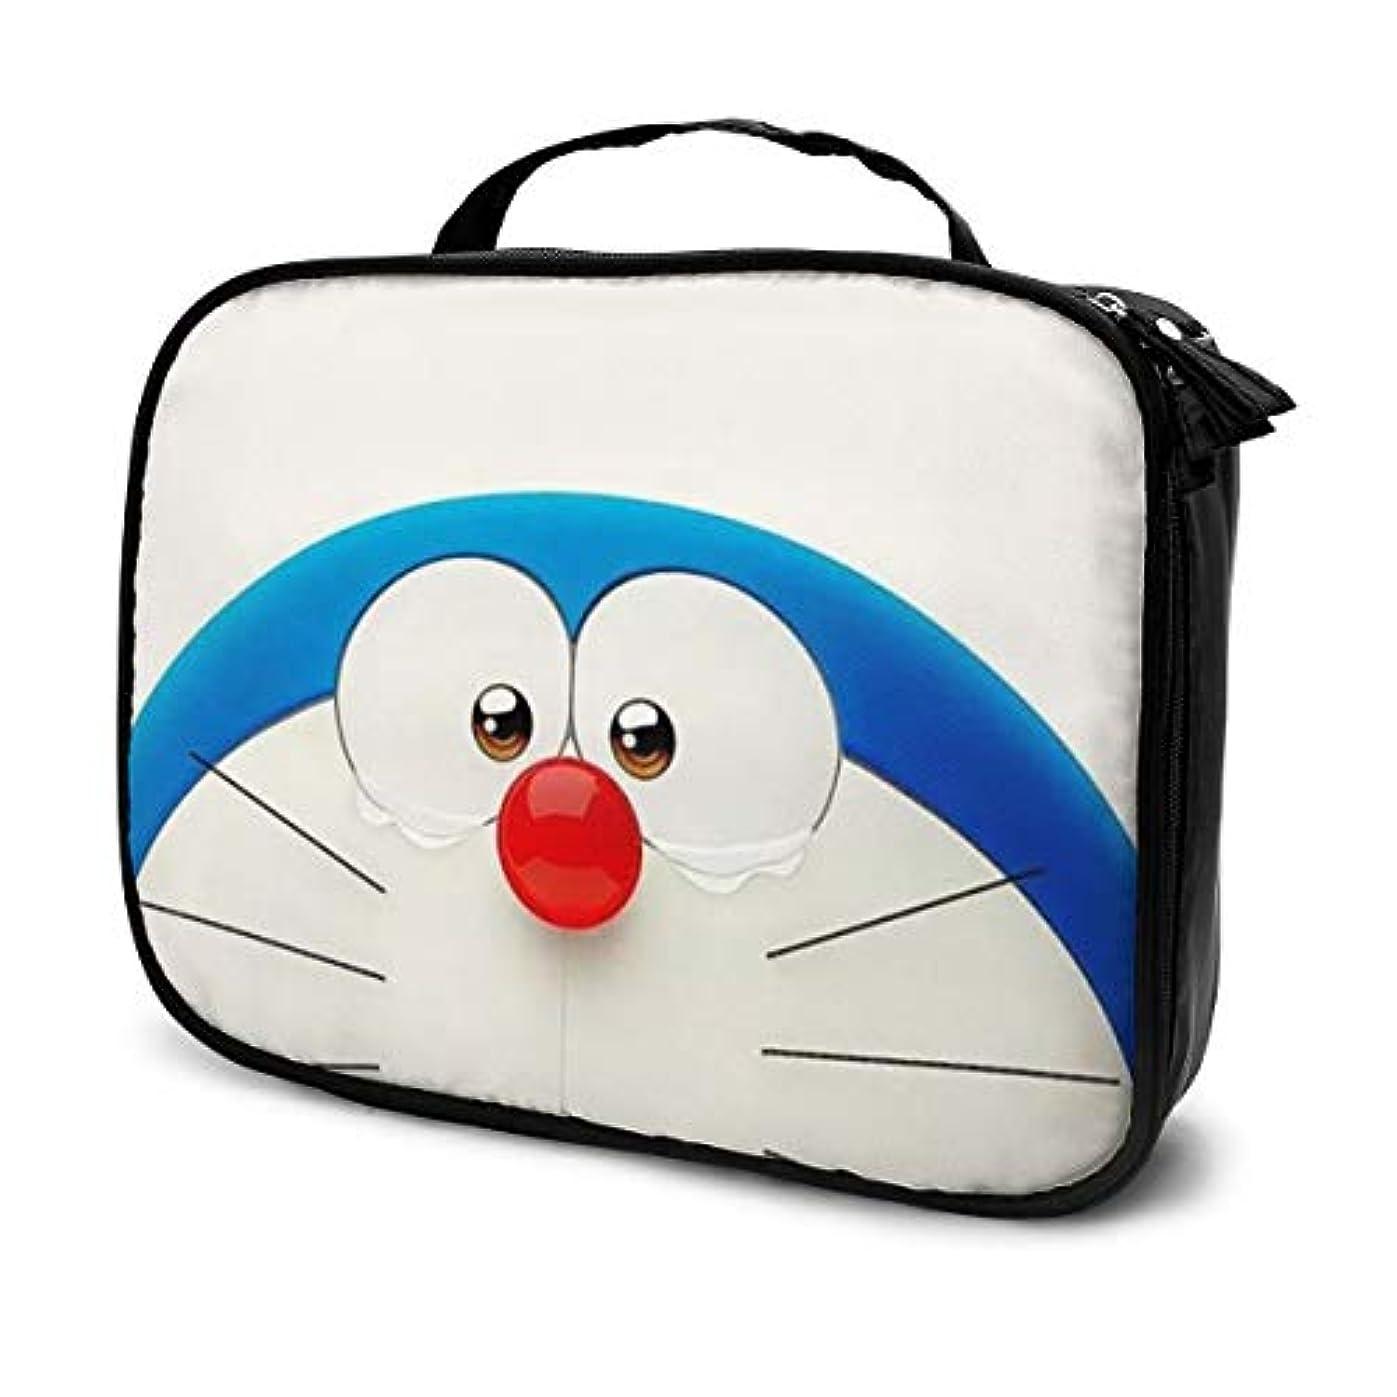 石灰岩差歯科医Daituかわいいドラえもん 化粧品袋の女性旅行バッグ収納大容量防水アクセサリー旅行